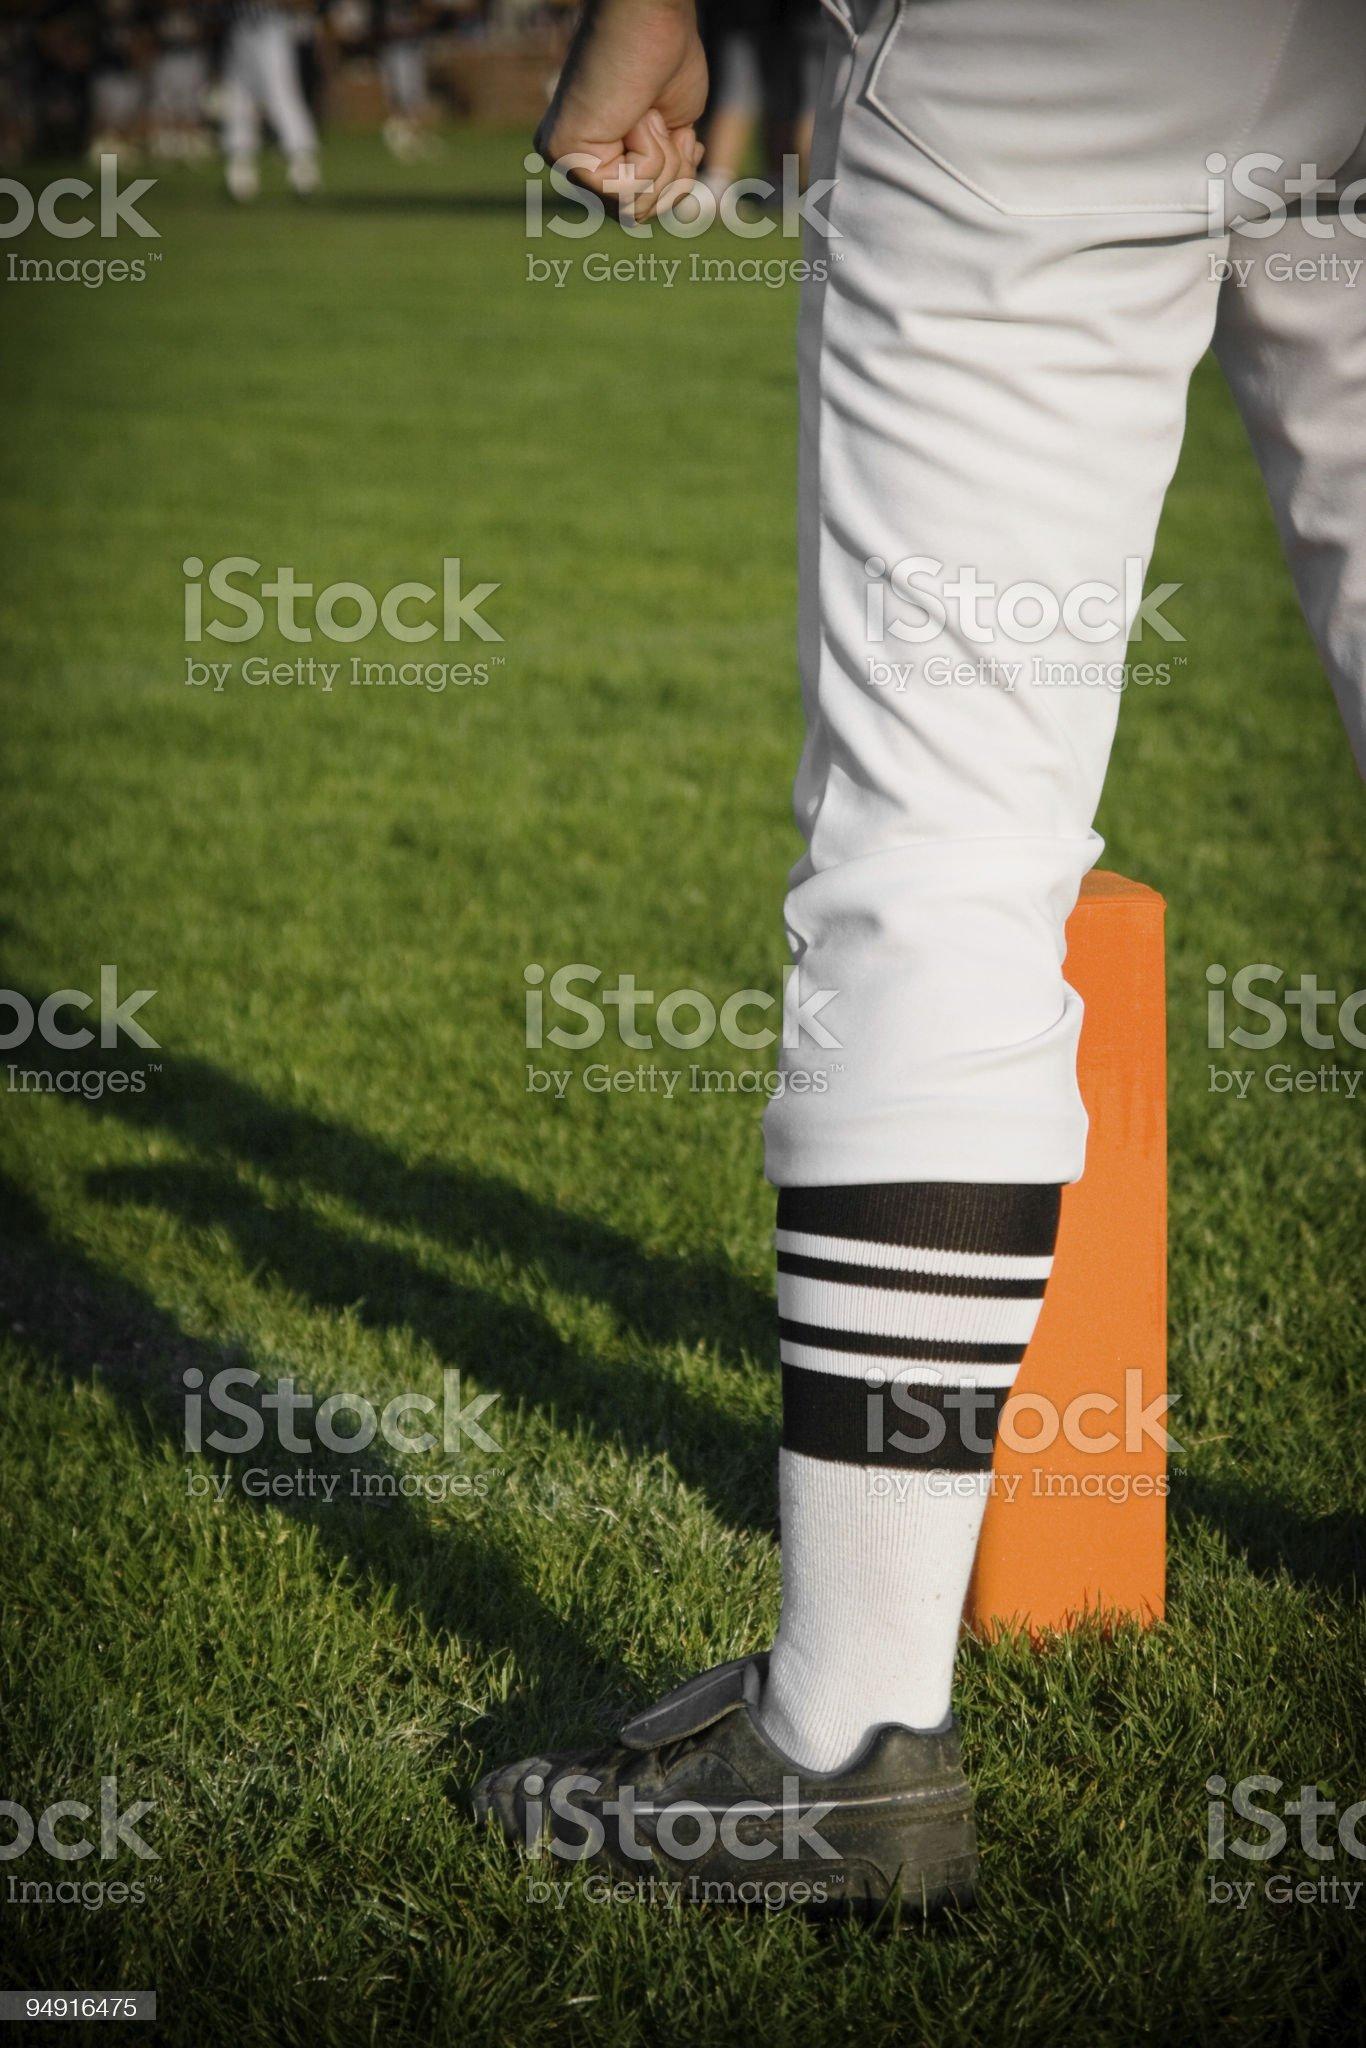 Football Referee royalty-free stock photo